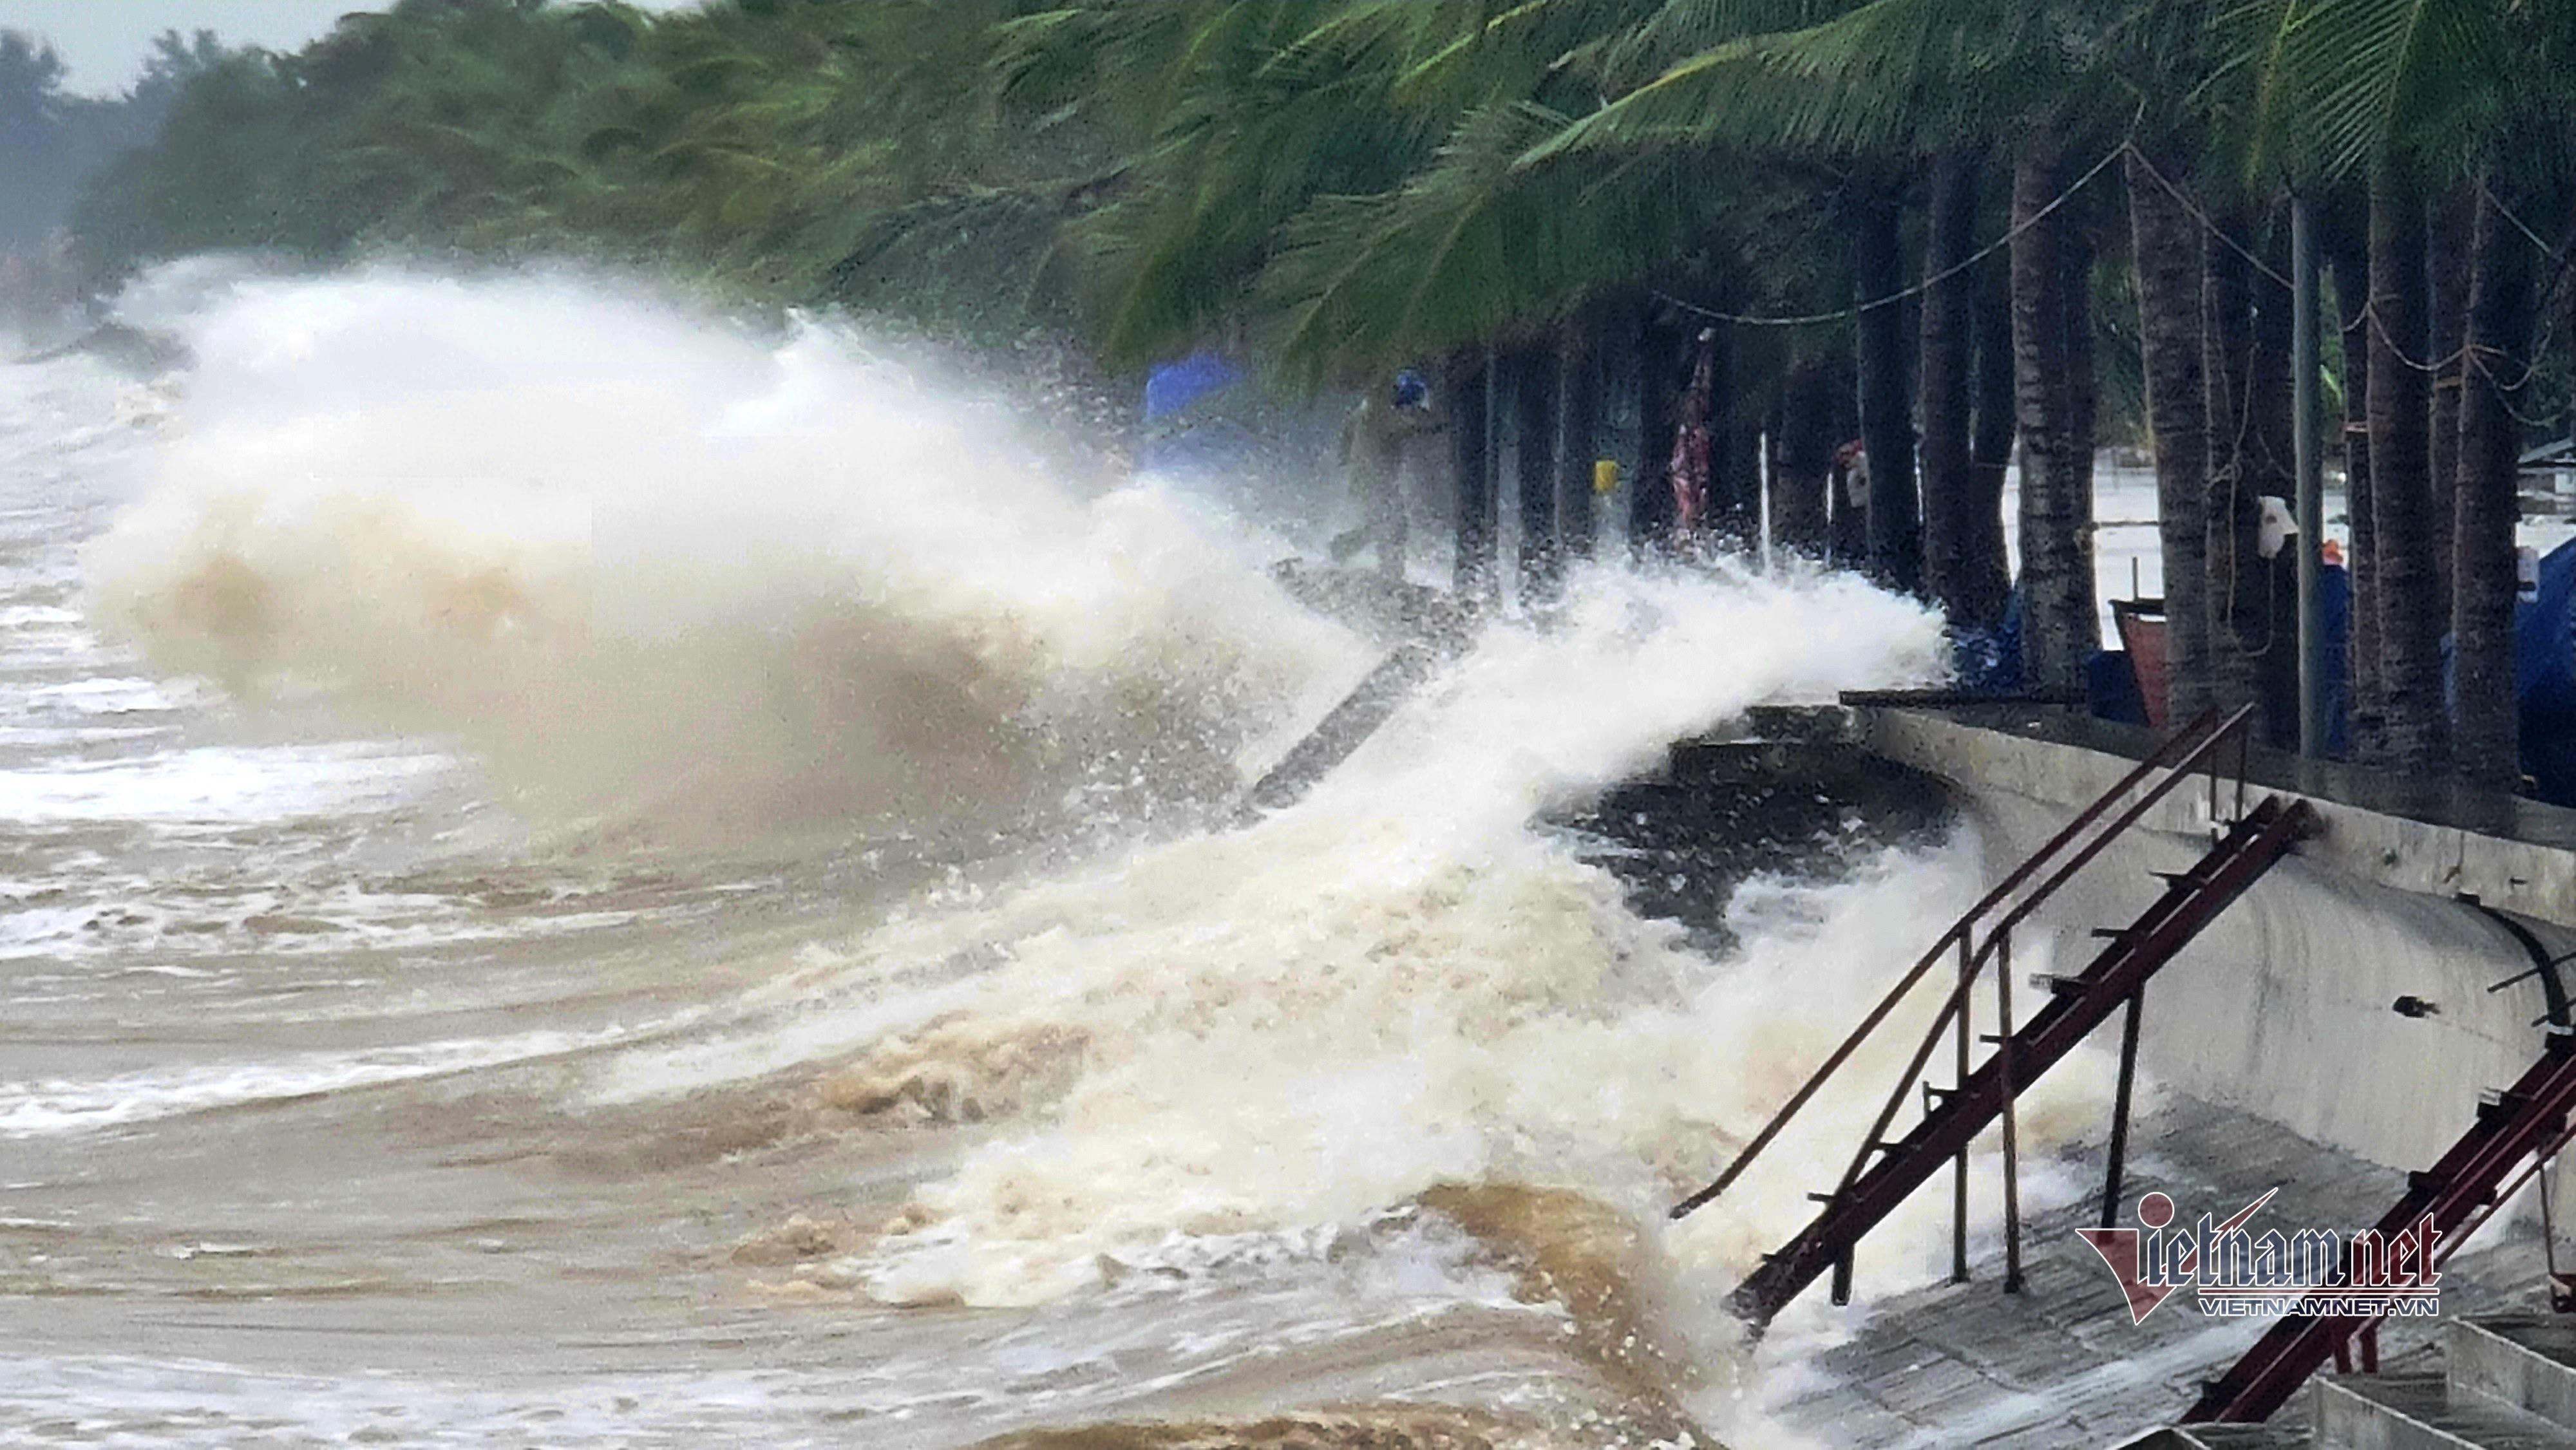 Sóng biển dữ dội ở Thanh Hóa trước khi áp thấp đổ bộ - 2